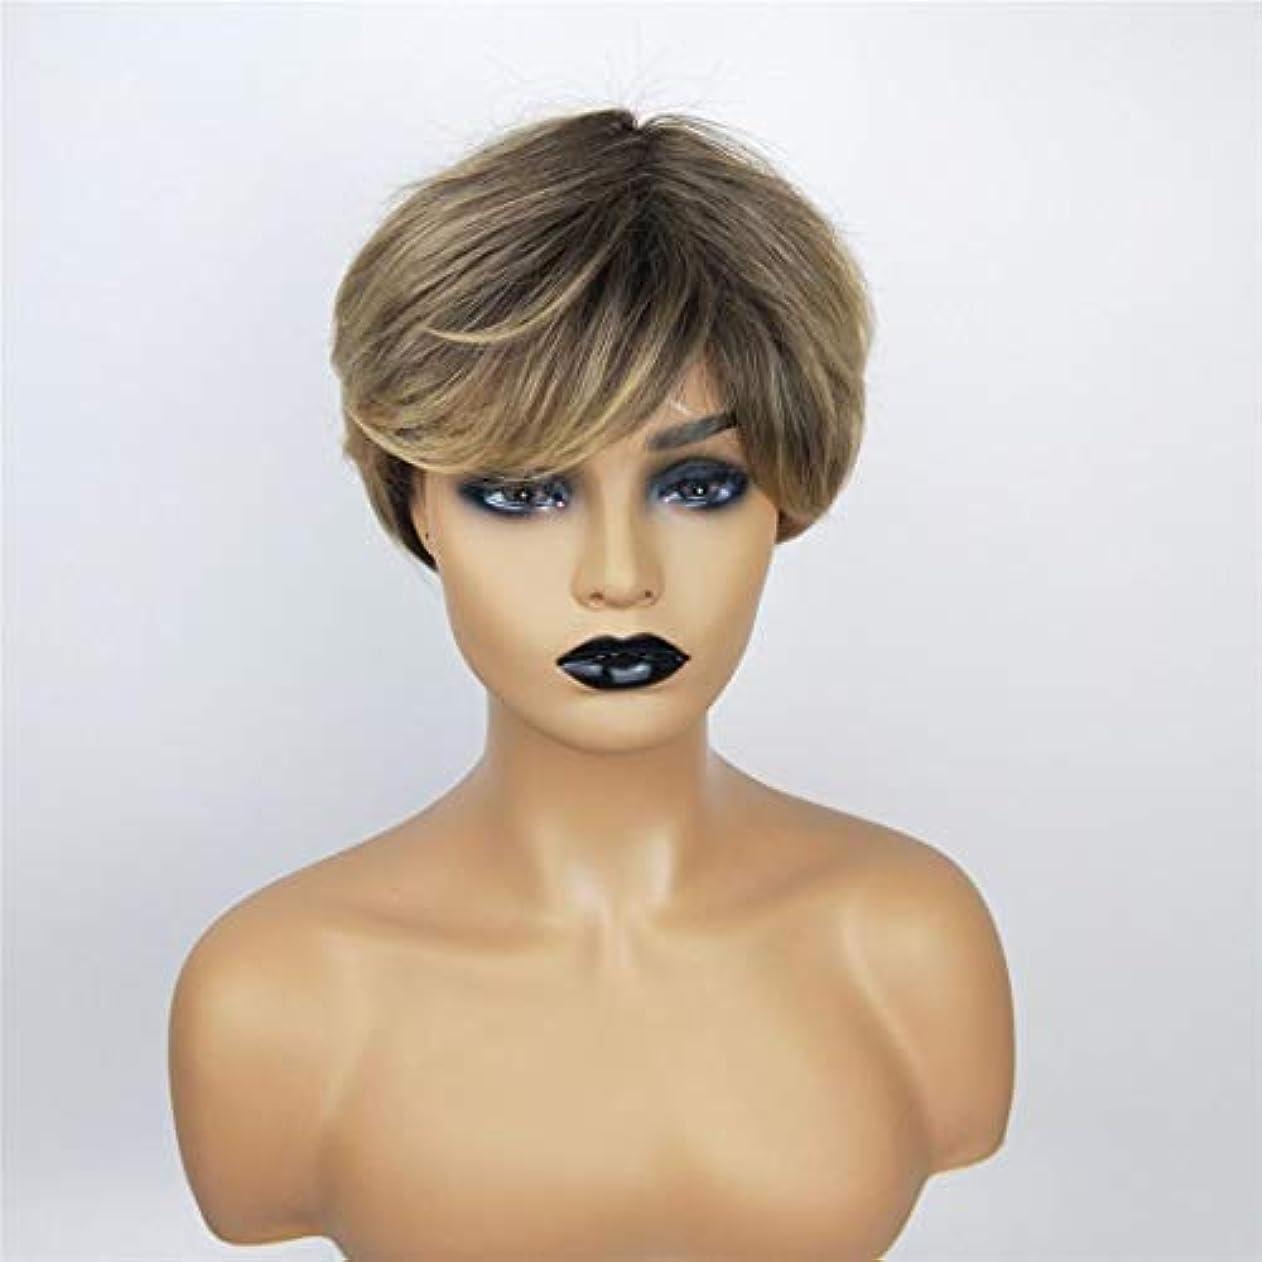 春論争メジャーKerwinner 女性のための茶色のかつら短い巻き毛のかつら合成完全女性のかつら